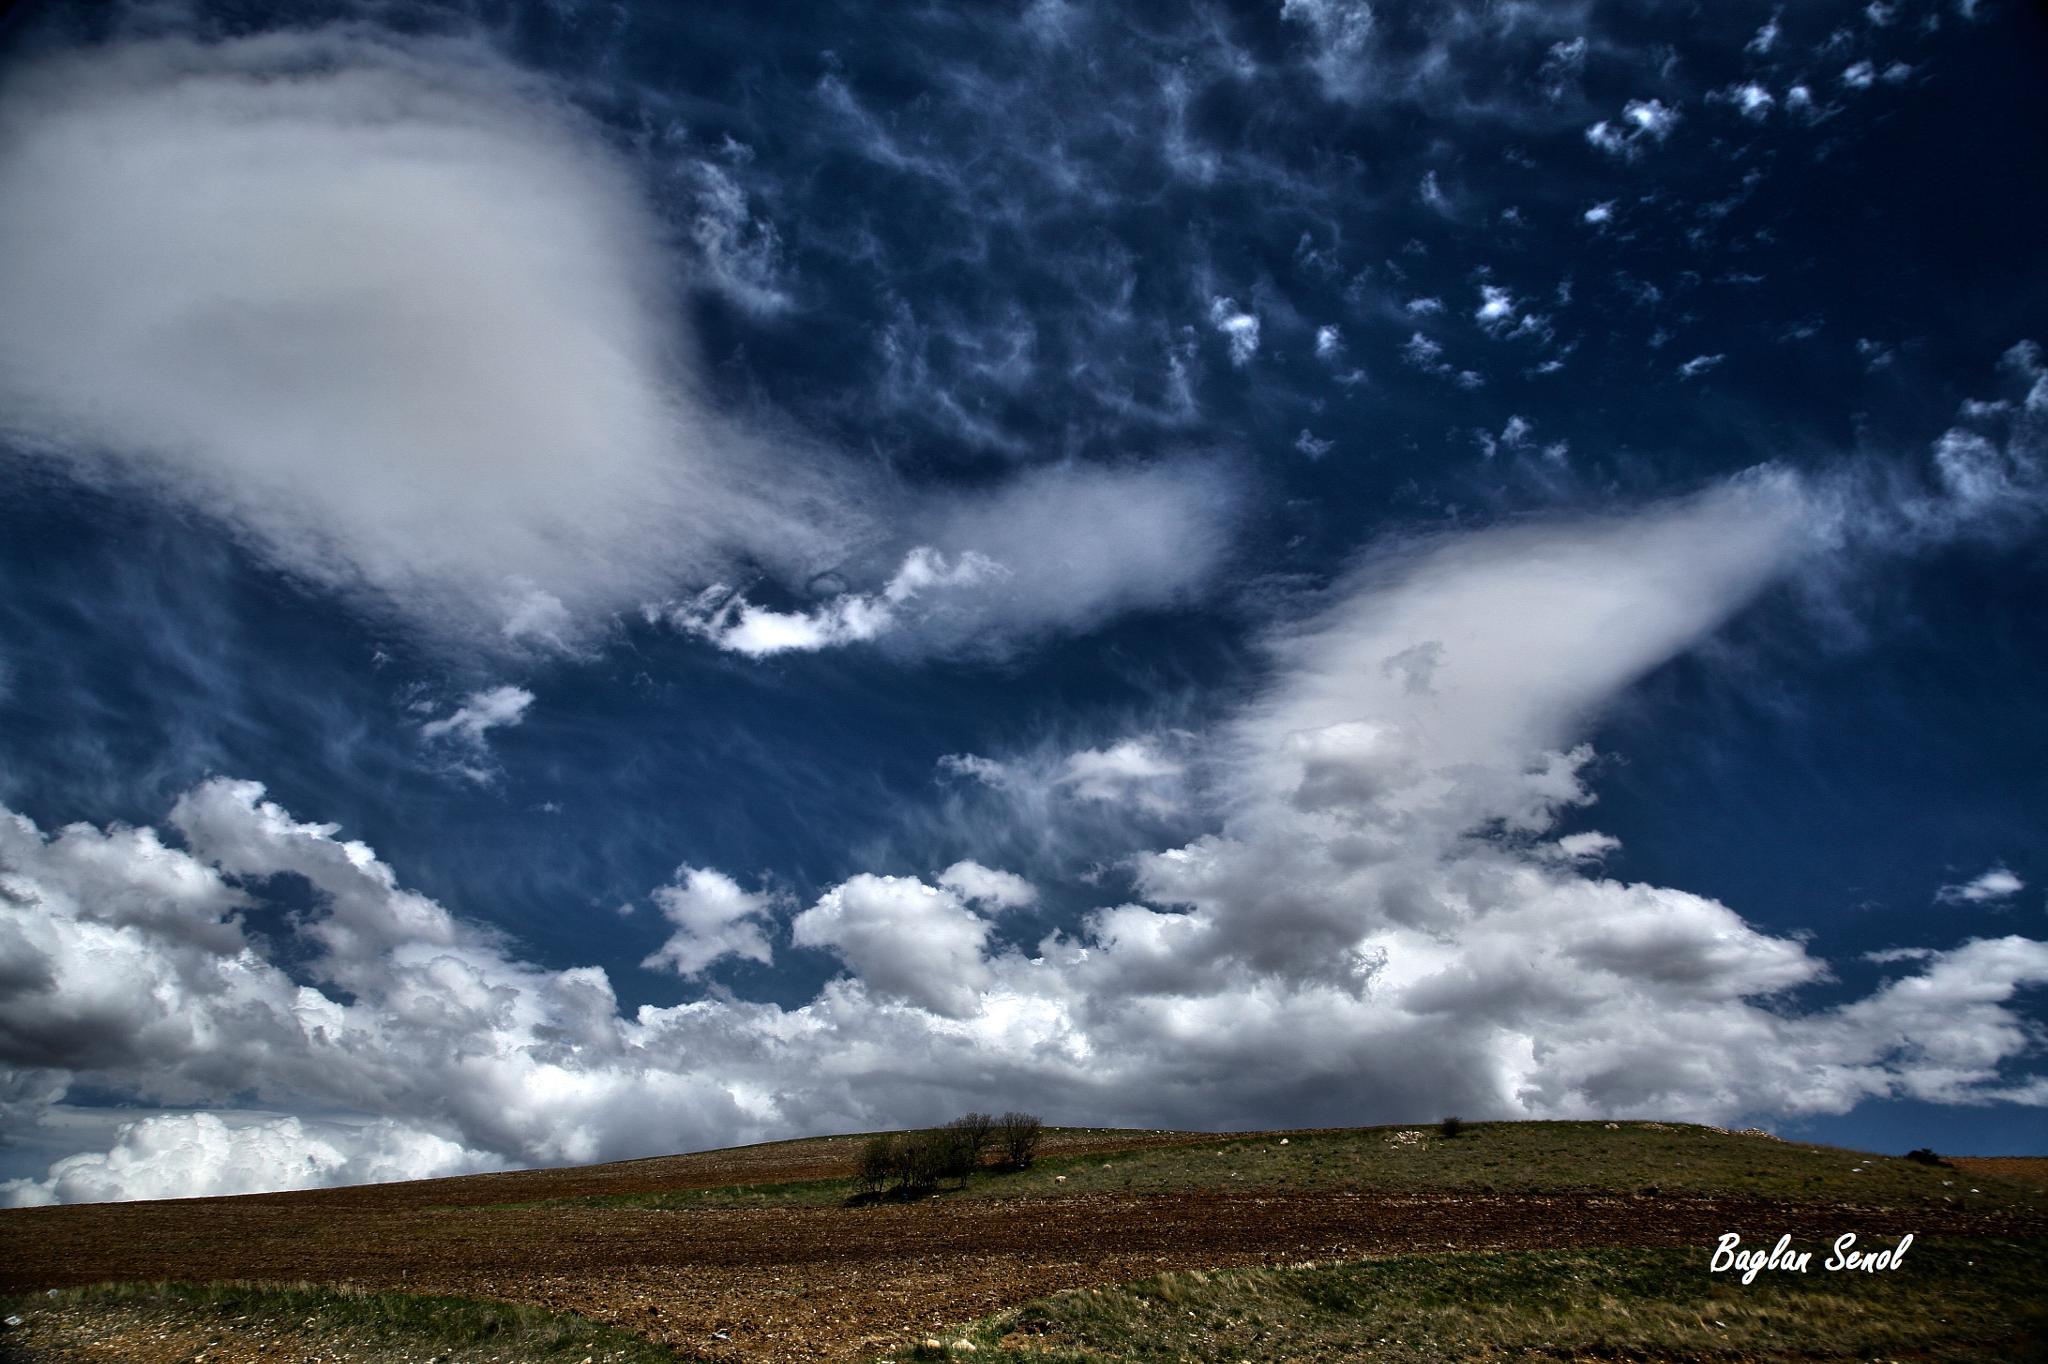 Clouds&trees by baglan senol